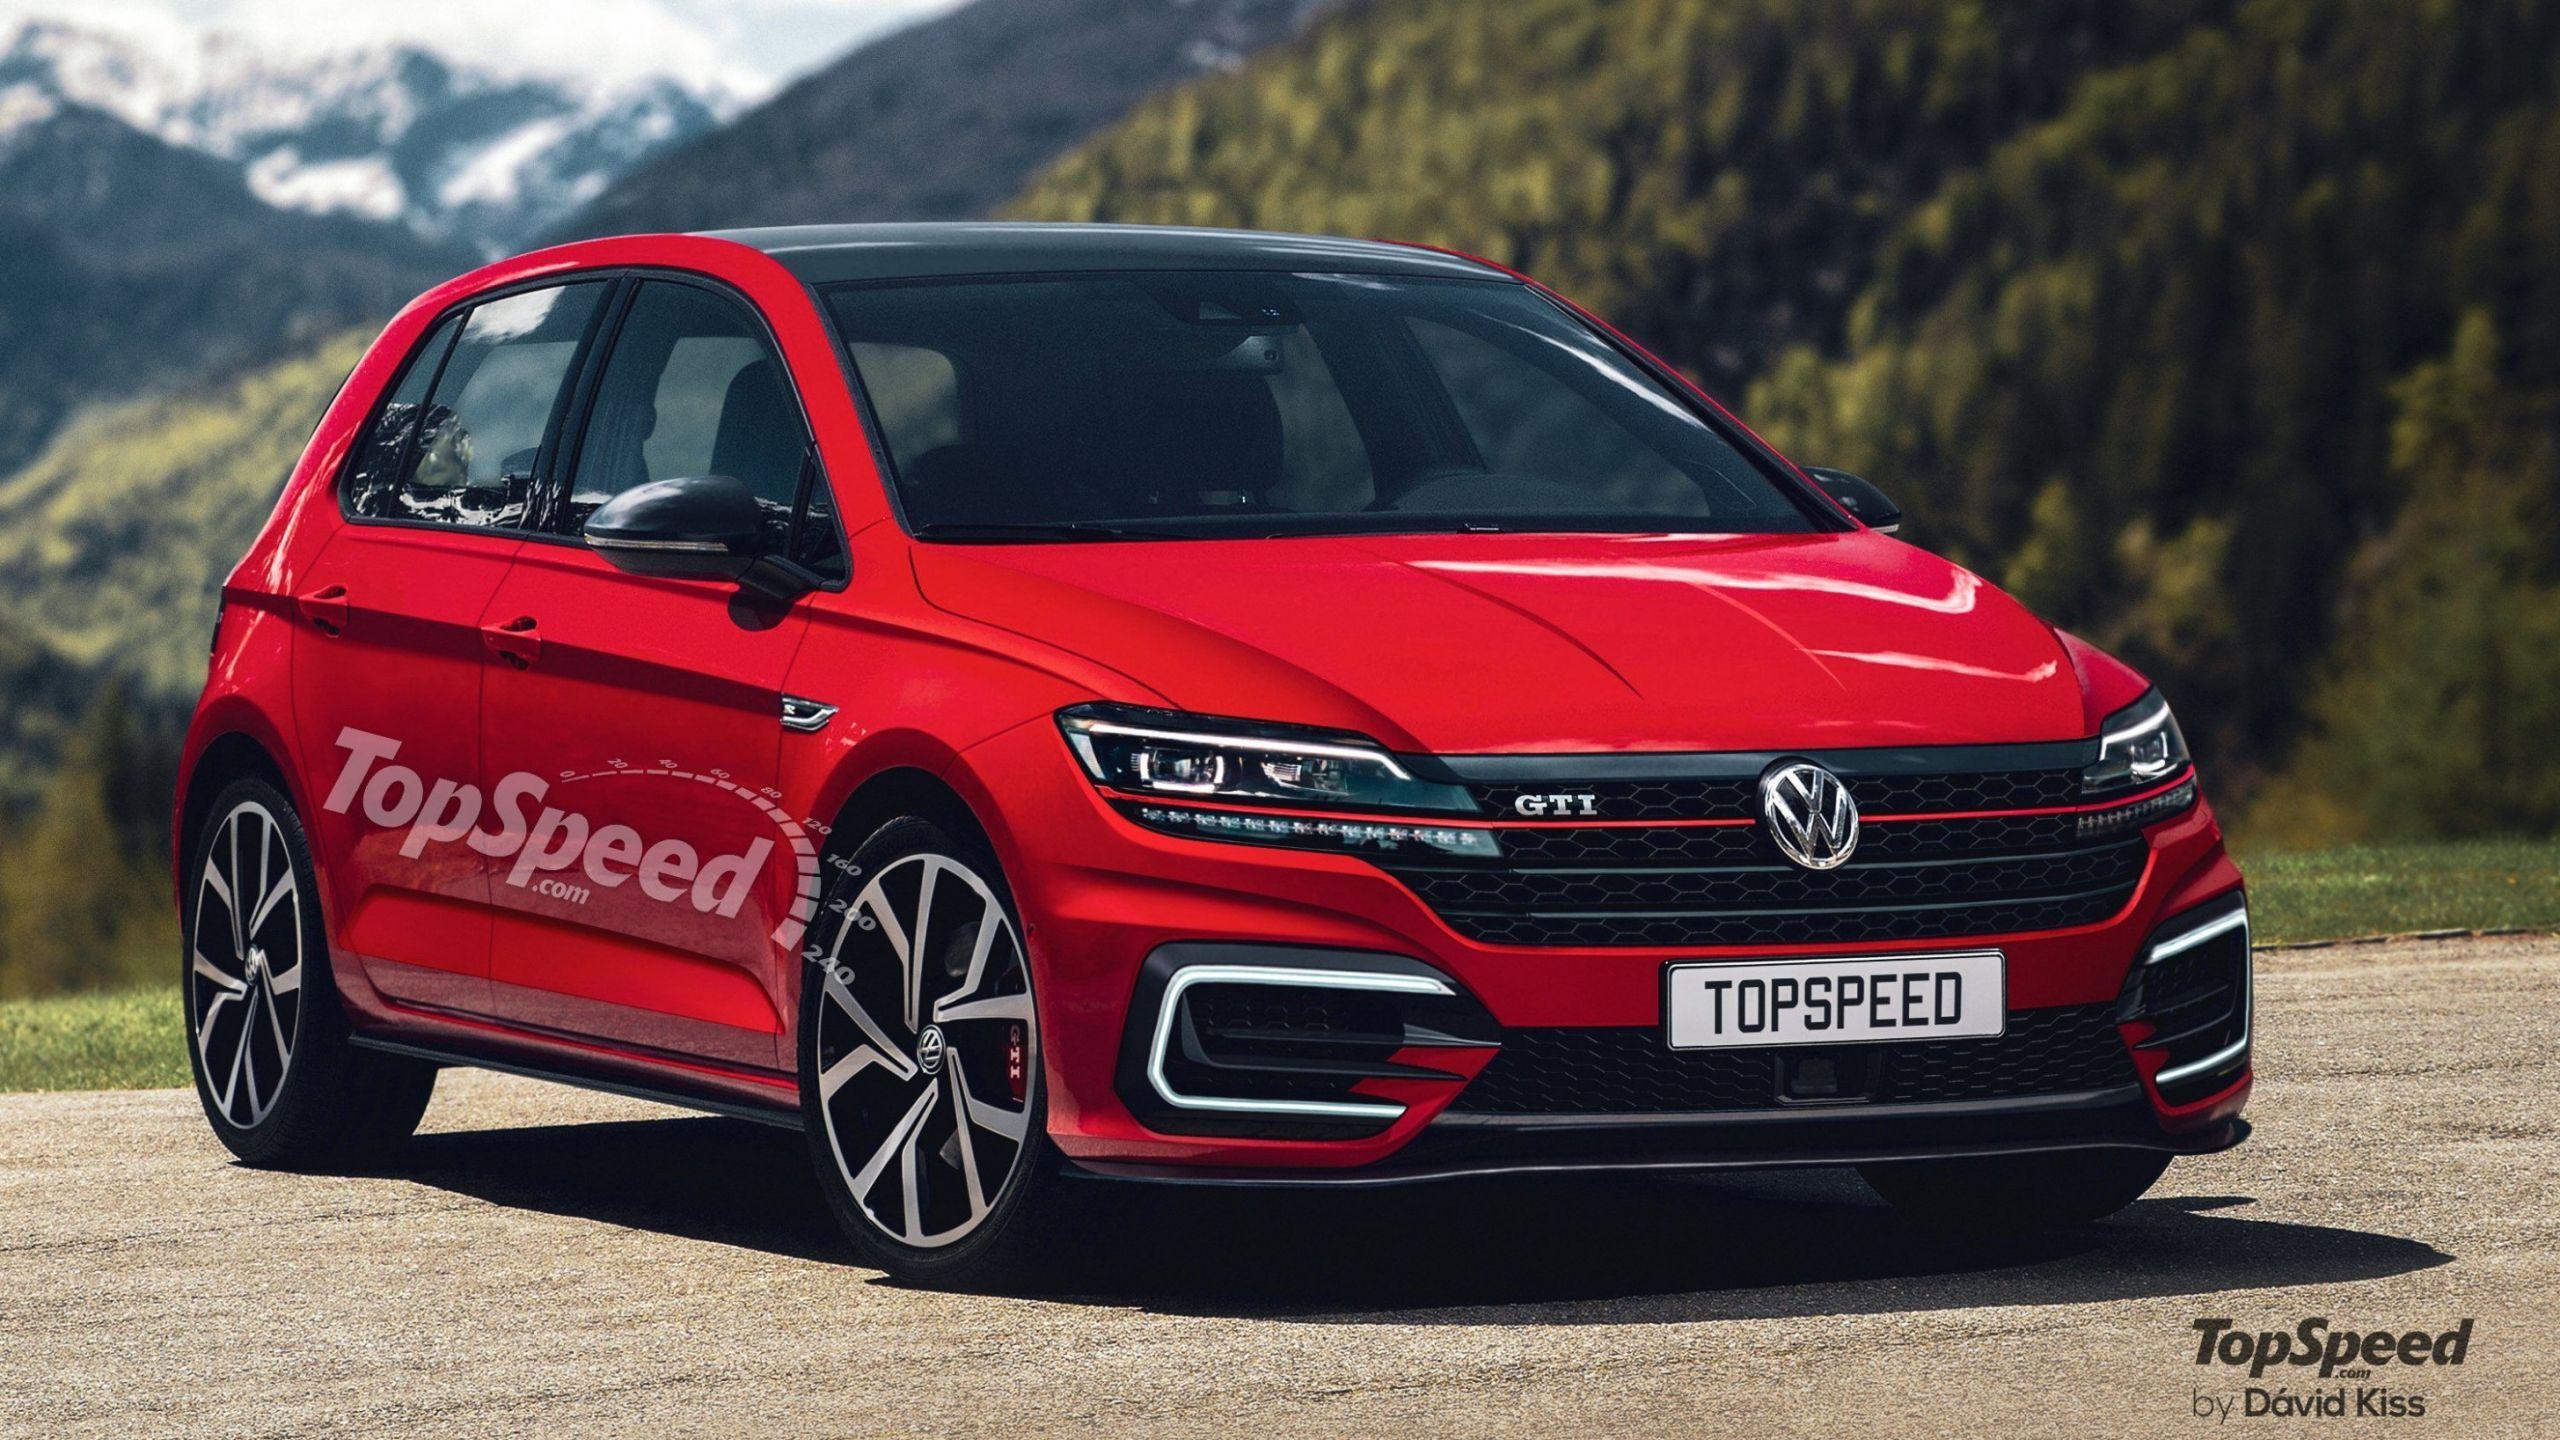 2021 Volkswagen Golf Gtd Price And Release In 2020 Volkswagen